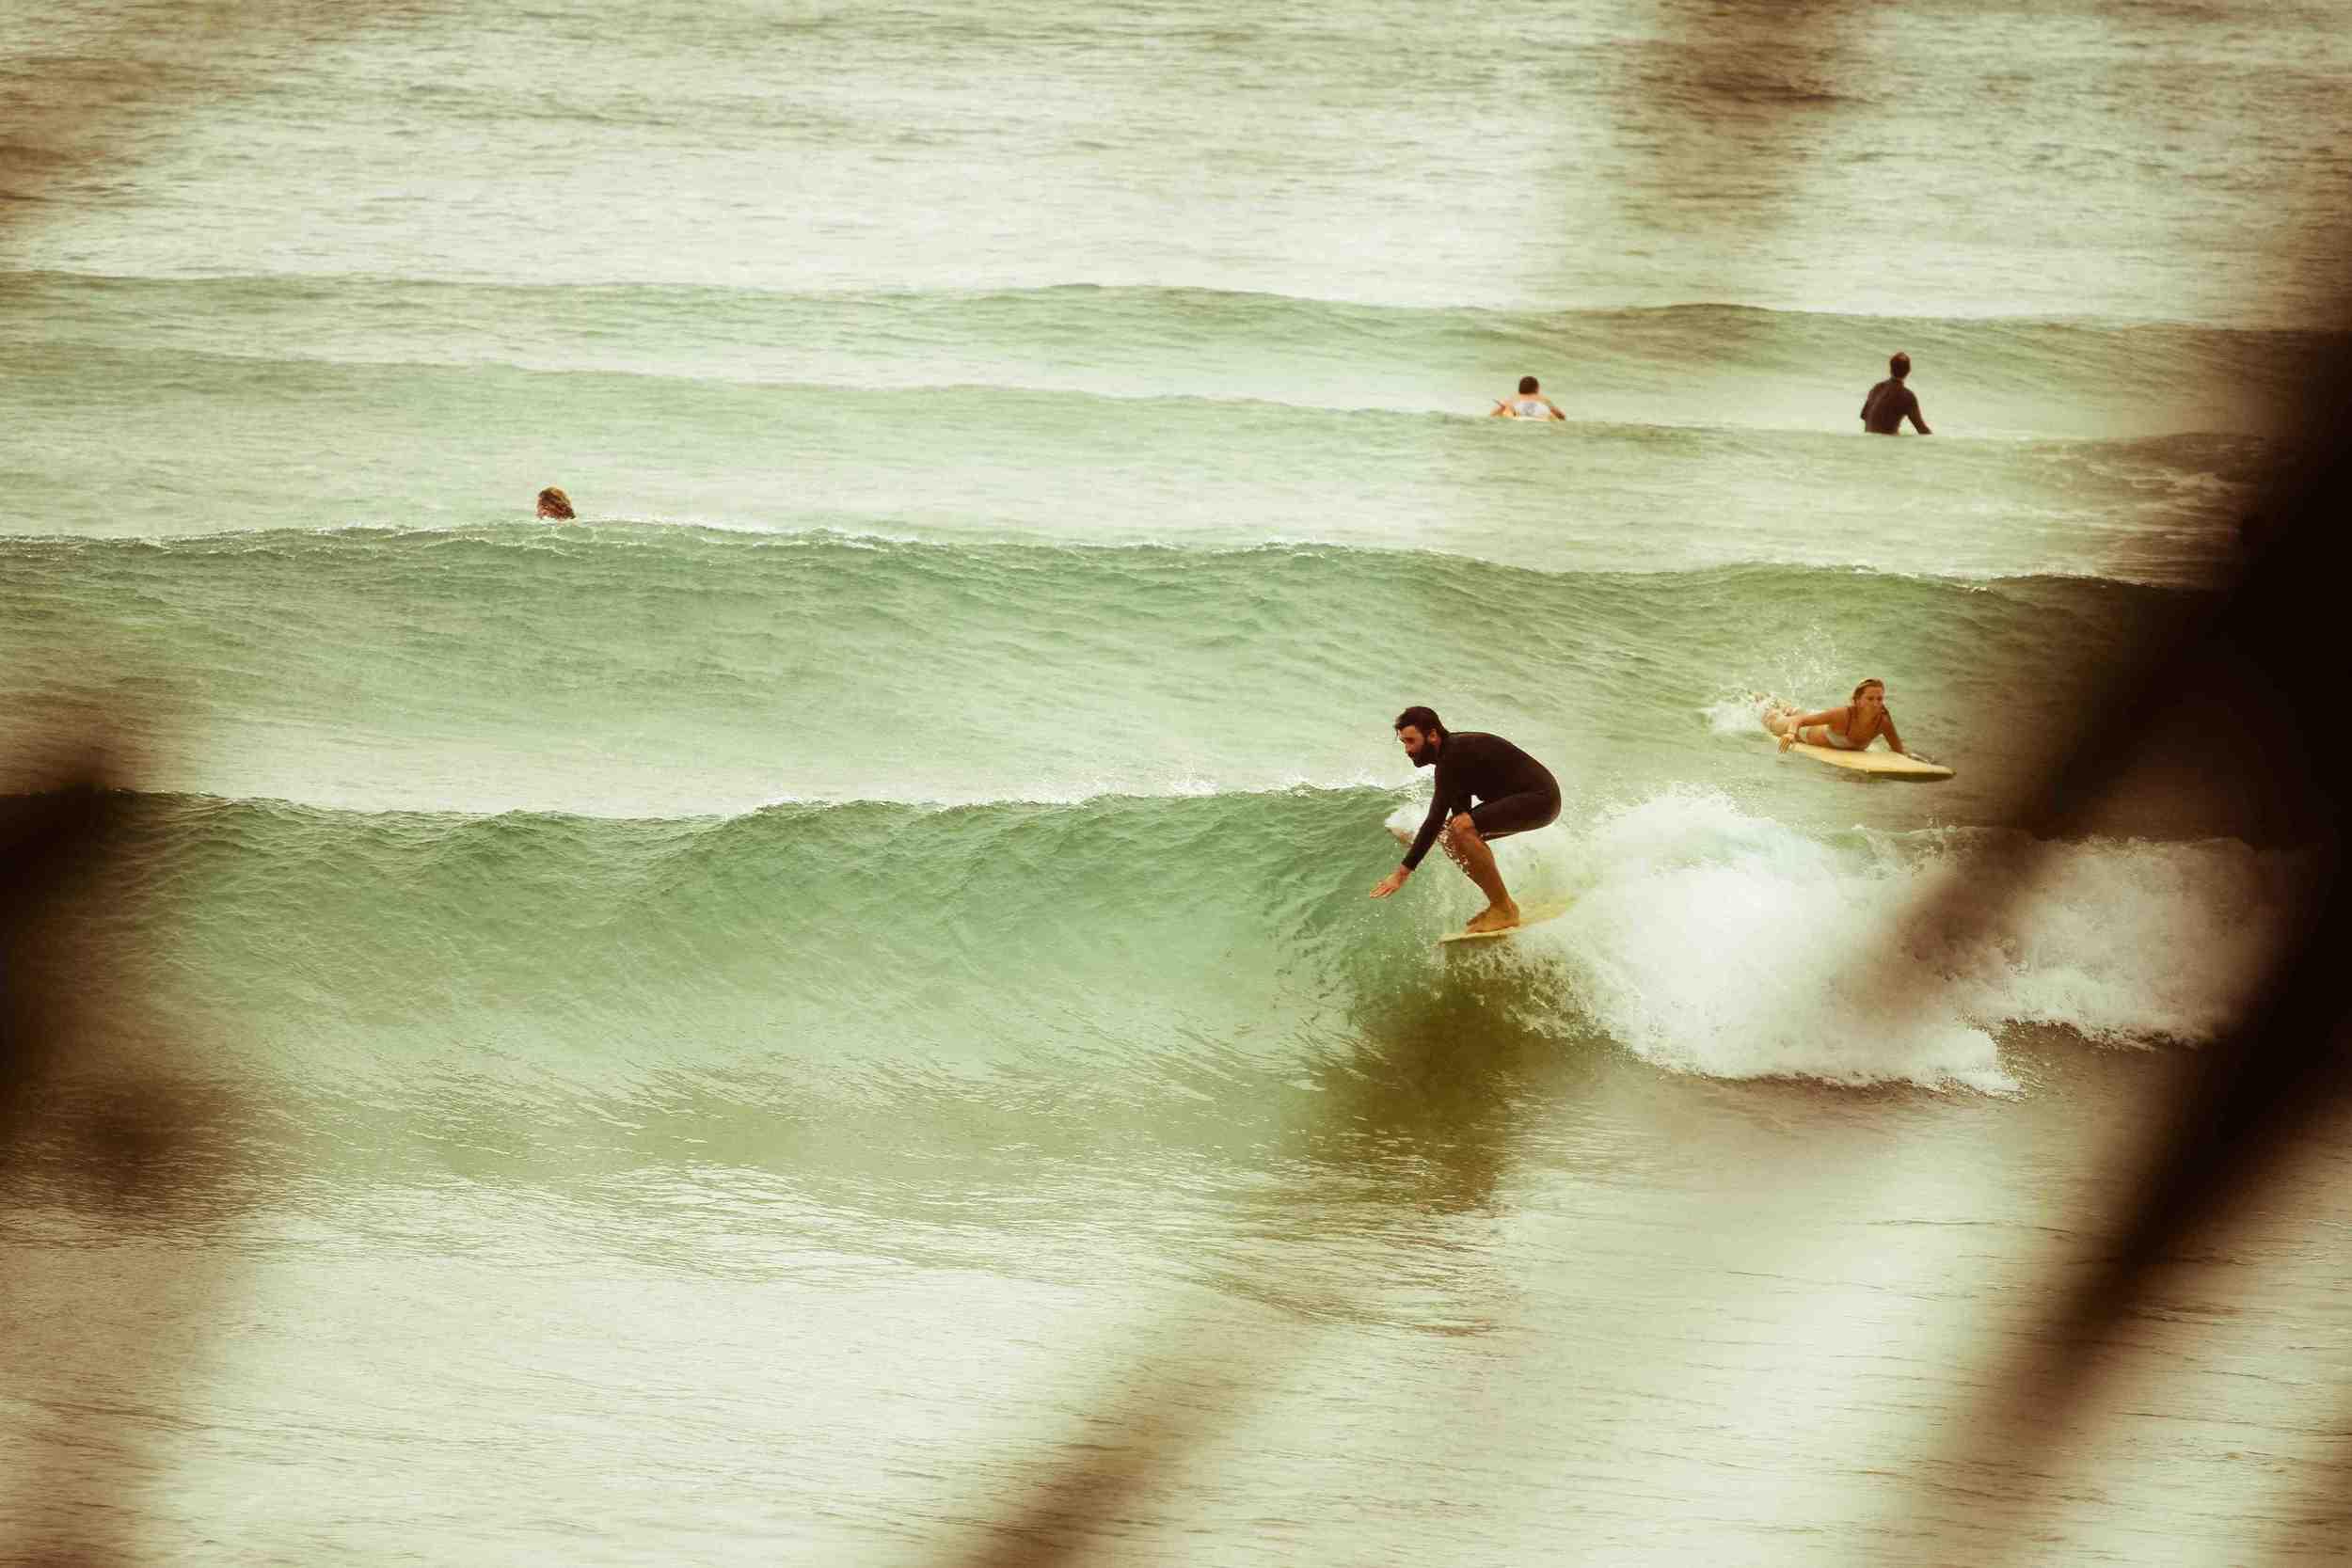 Tim enjoying the ocean, surfing at Wategos, Byron Bay.